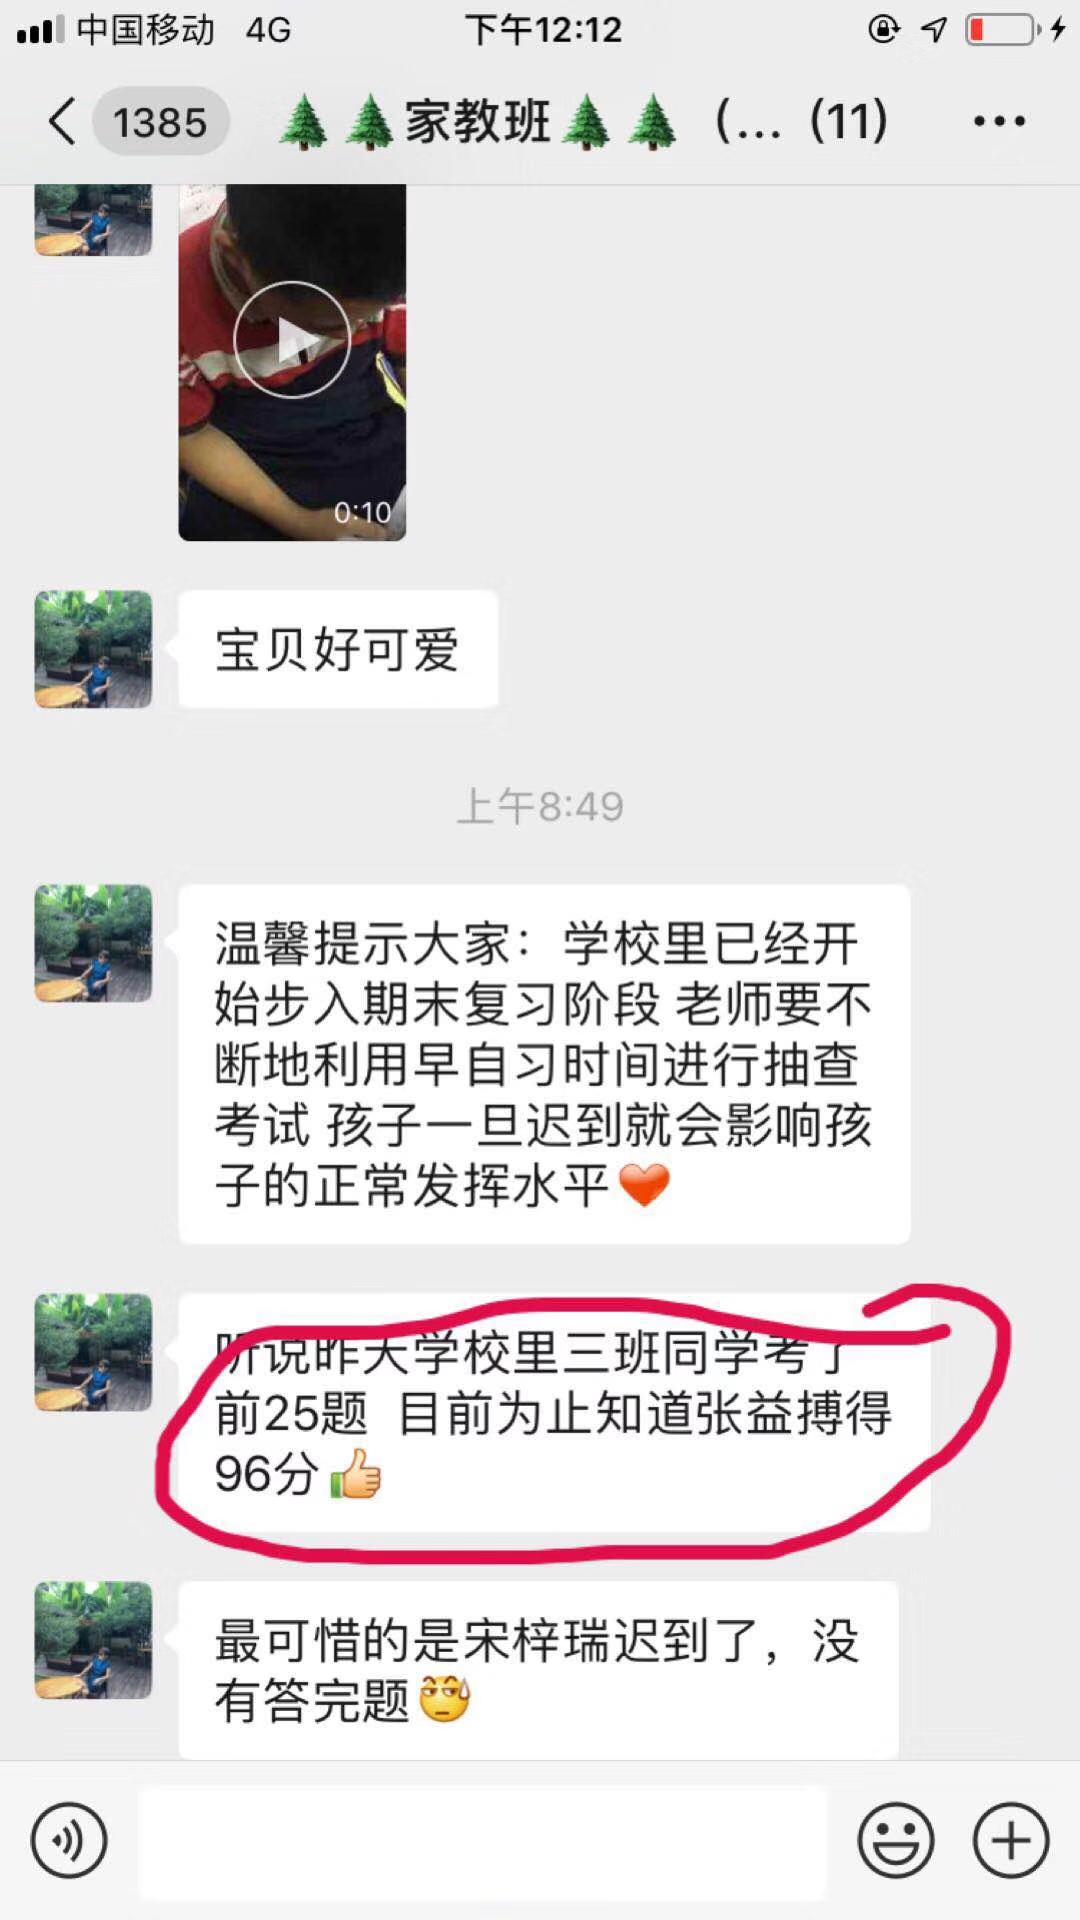 新闻:课外辅导保证肯定大幅提分4个月里湖南省